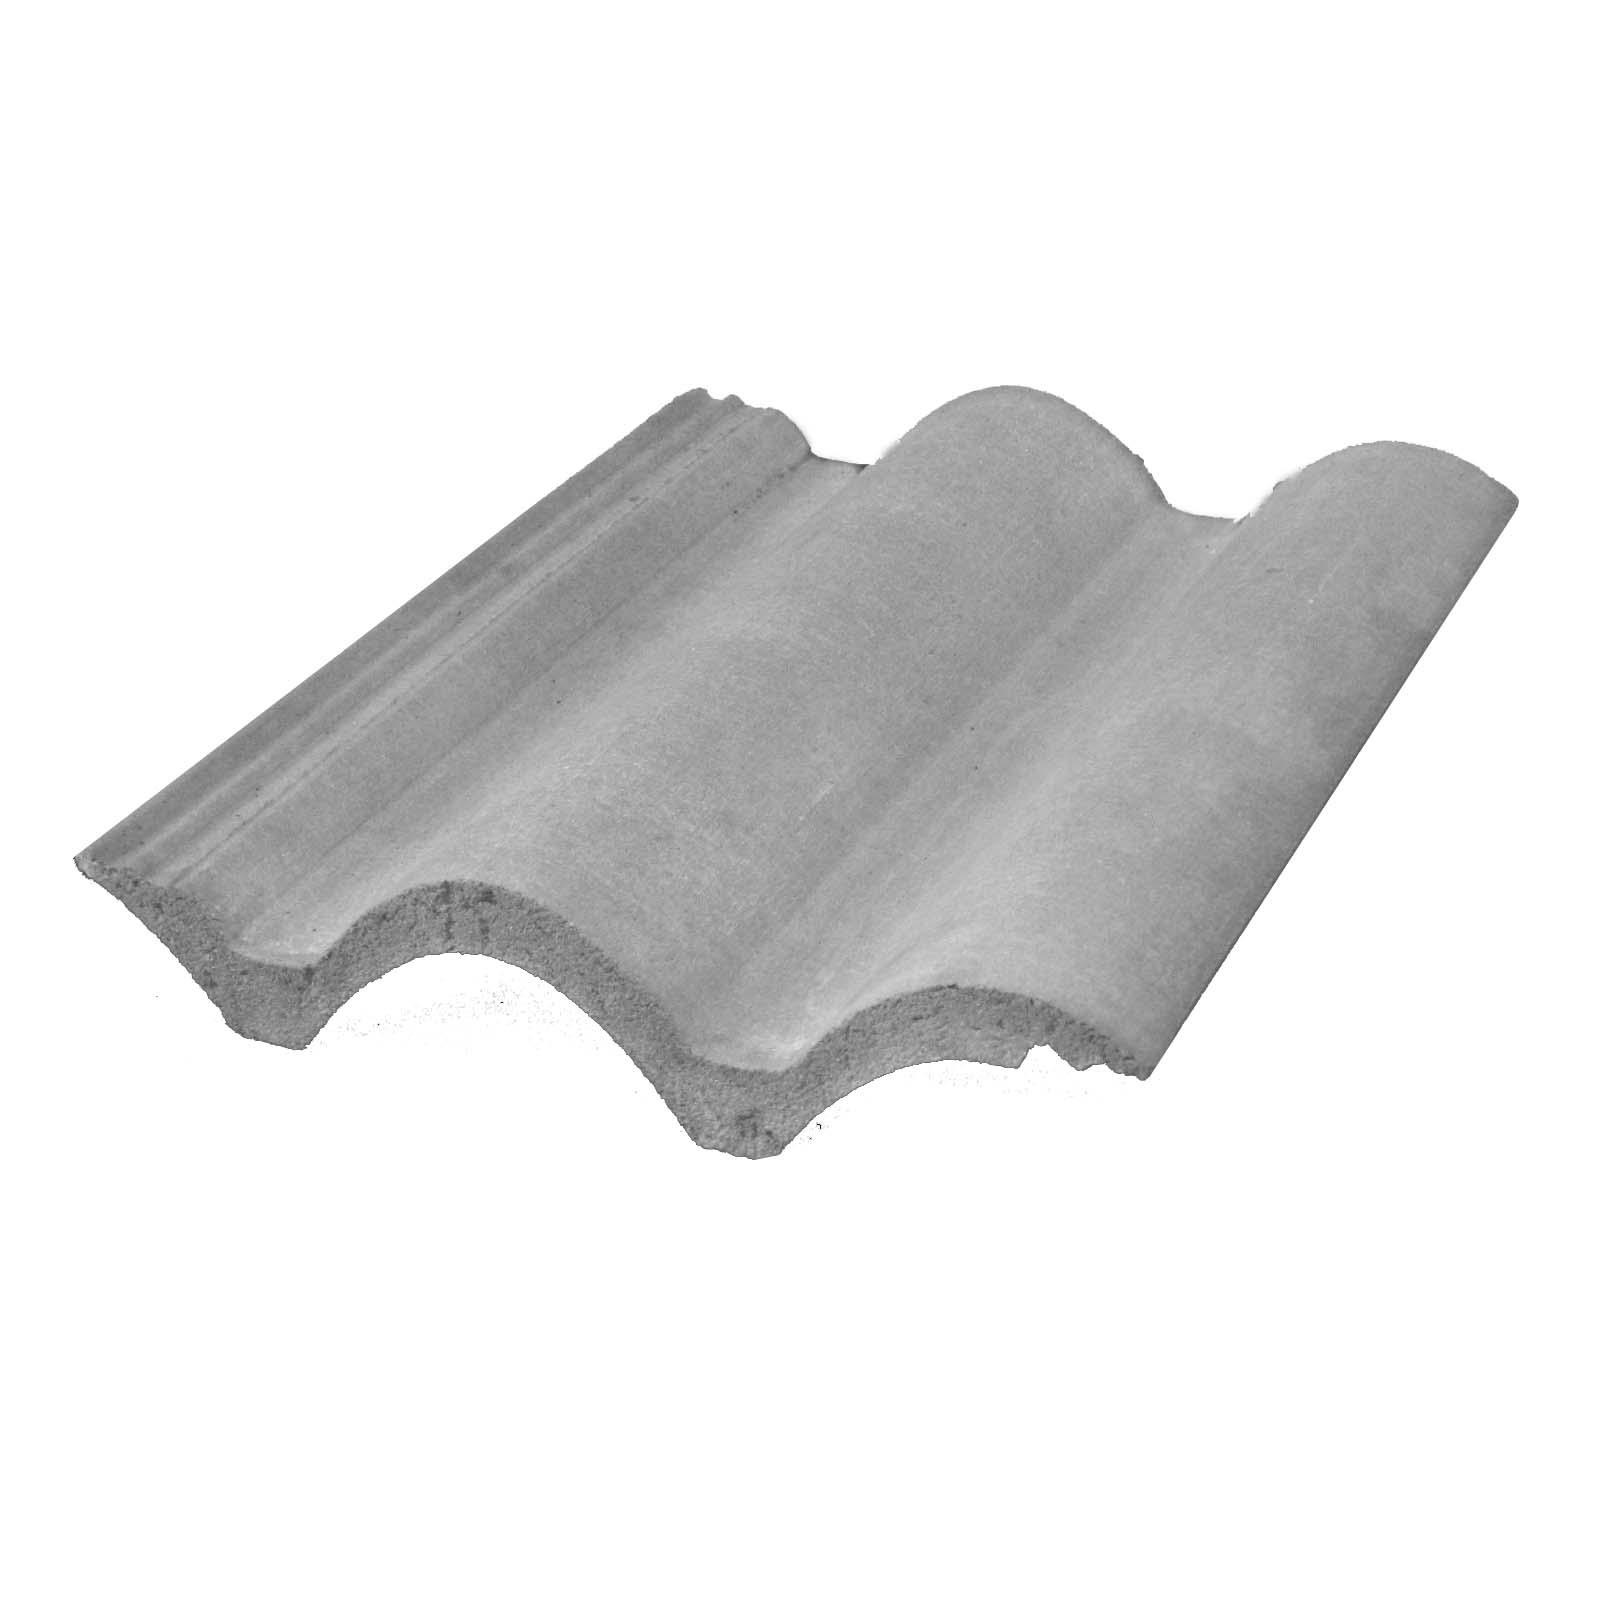 Aparência de uma telha de concreto comum. Perceba que ela possui um encaixe tipo macho-fêmea, que dá uma estabilidade muito maior ao telhado.